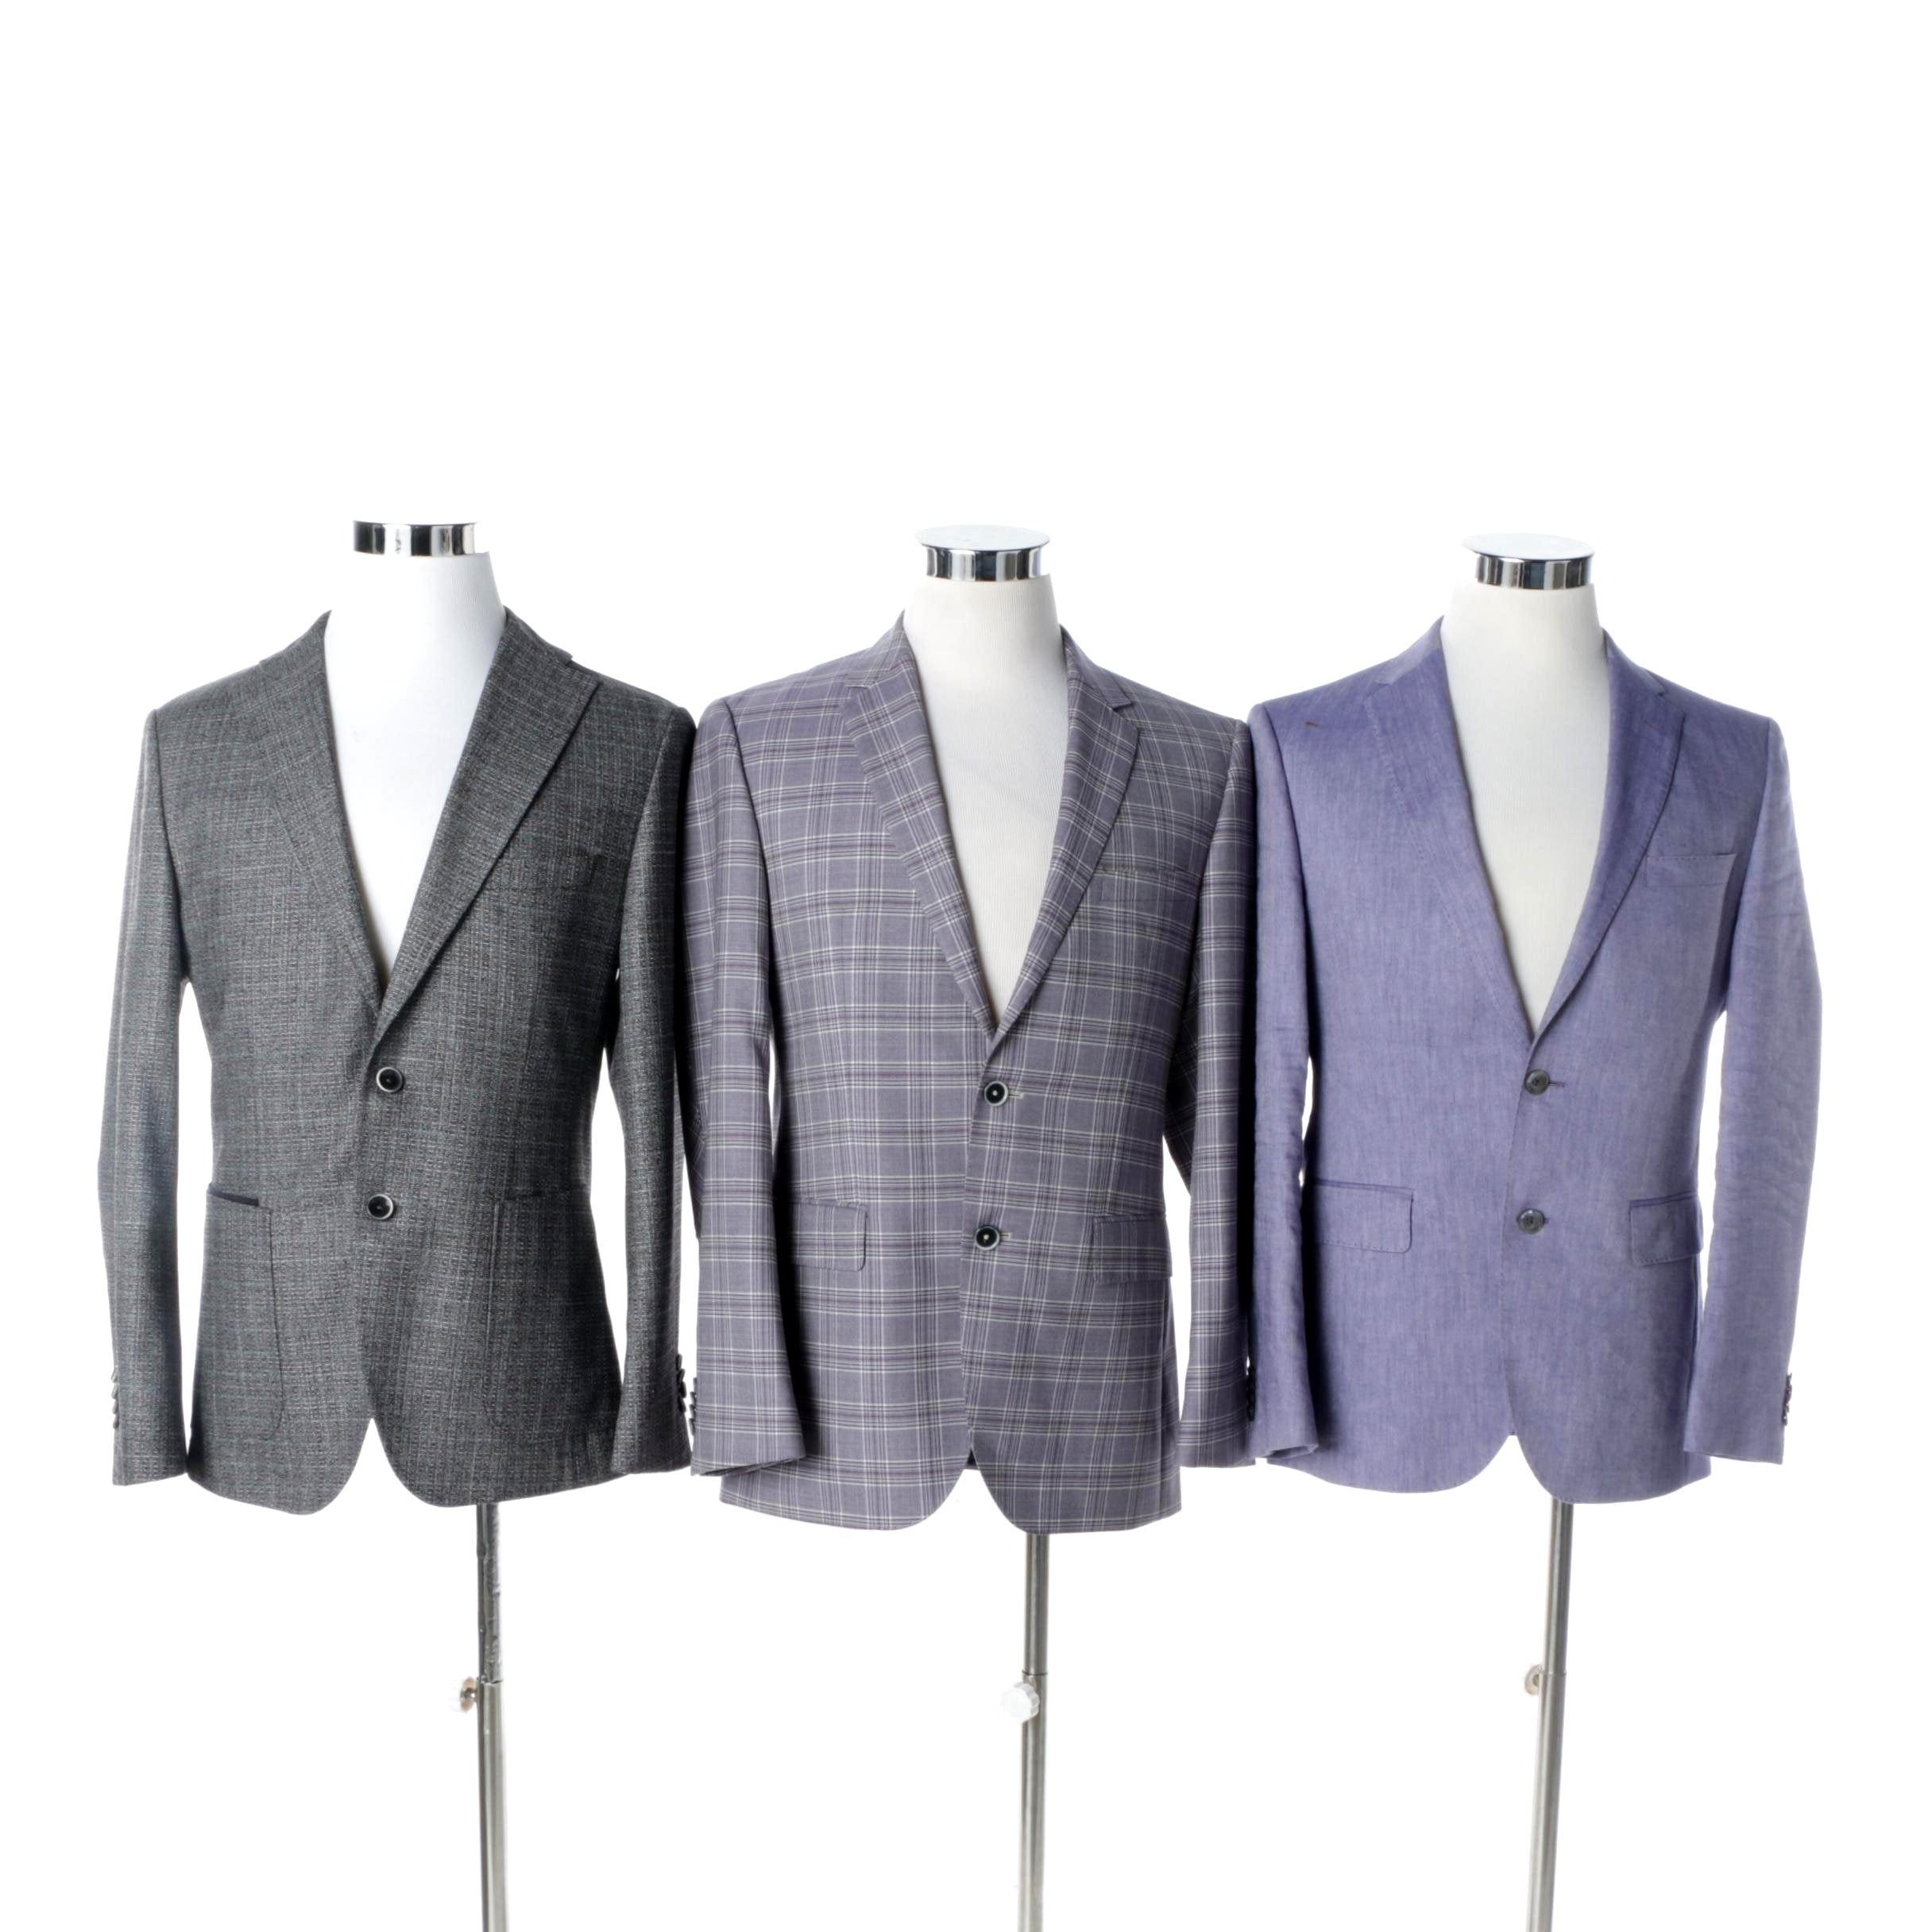 Men's BOSS by Hugo Boss Single-Breasted Jackets